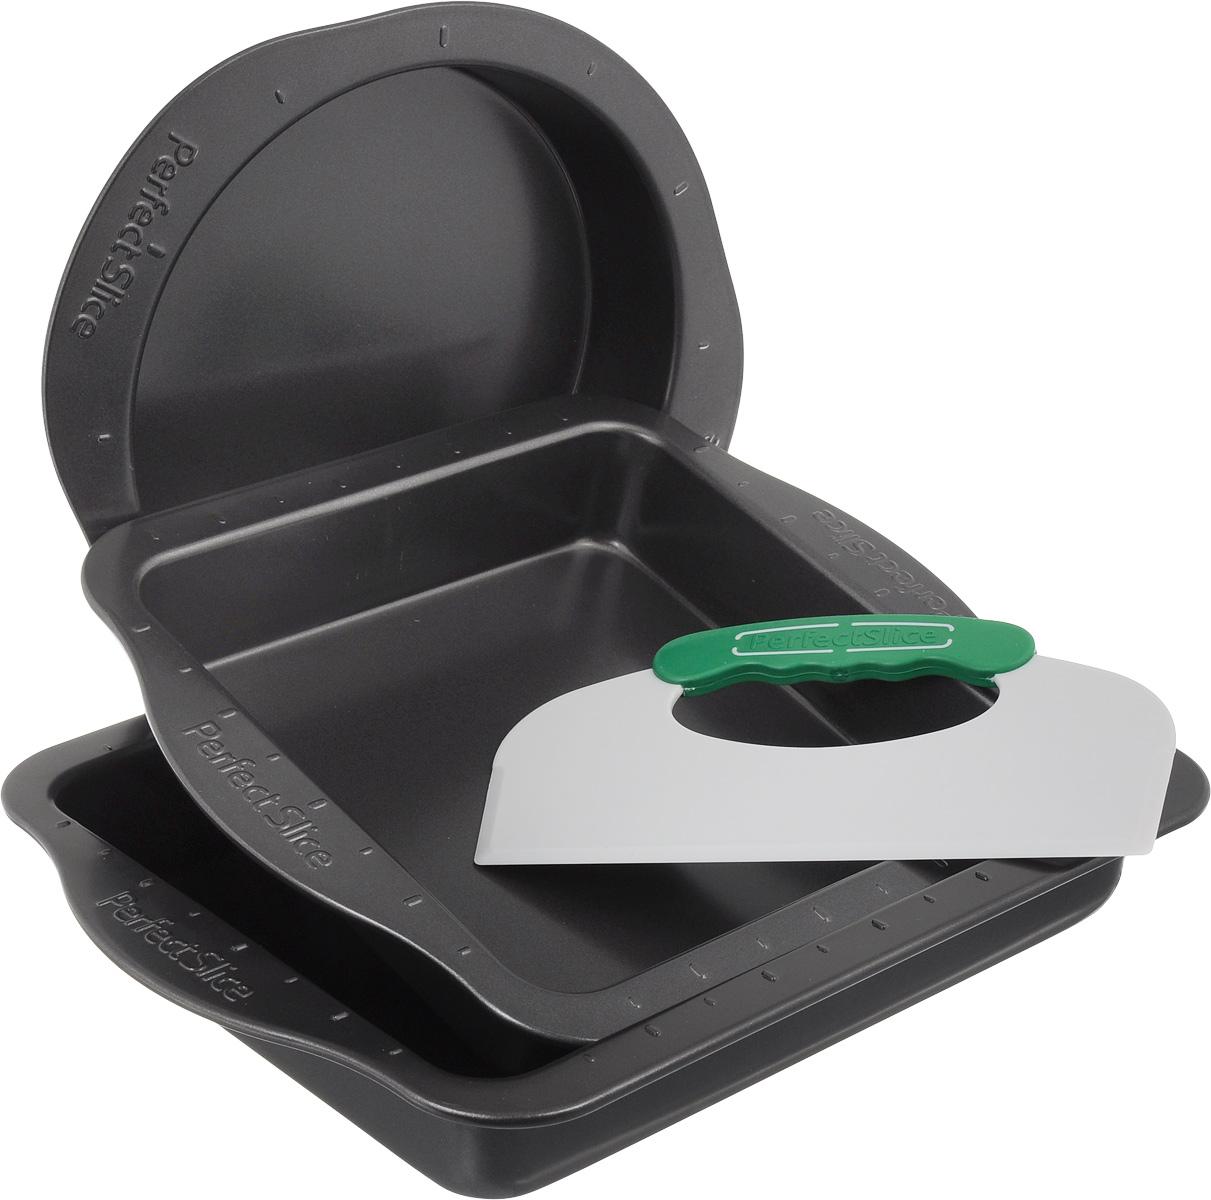 Набор для выпечки BergHOFF Perfect Slice, 4 предмета1100057Набор для выпечки BergHOFF Perfect Slice состоит из противня, круглой формы, квадратной формы и инструмента для нарезания. Изделия выполнены из высокоуглеродистой стали с антипригарным покрытием. Благодаря такому покрытию пища не пригорает, не прилипает и легко вынимается. Специальная разметка и пластиковый инструмент для нарезания с прорезиненными ручками позволят разделить блюда на равные и красивые порции. Эргономичные ручки на посуде выполнены для безопасного и легкого хвата, даже в рукавицах. Формы и противень выдерживают температуру до 250° C. Такой набор станет верным помощником в создании ваших кулинарных шедевров. Подходит для использования в духовом шкафу. Можно мыть в посудомоечной машине. Внутренний диаметр круглой формы: 22 см. Ширина круглой формы (с учетом ручек): 30 см. Высота стенки круглой формы: 5 см. Внутренний размер квадратной формы: 22,5 х 22,5 см. Ширина квадратной формы (с учетом...